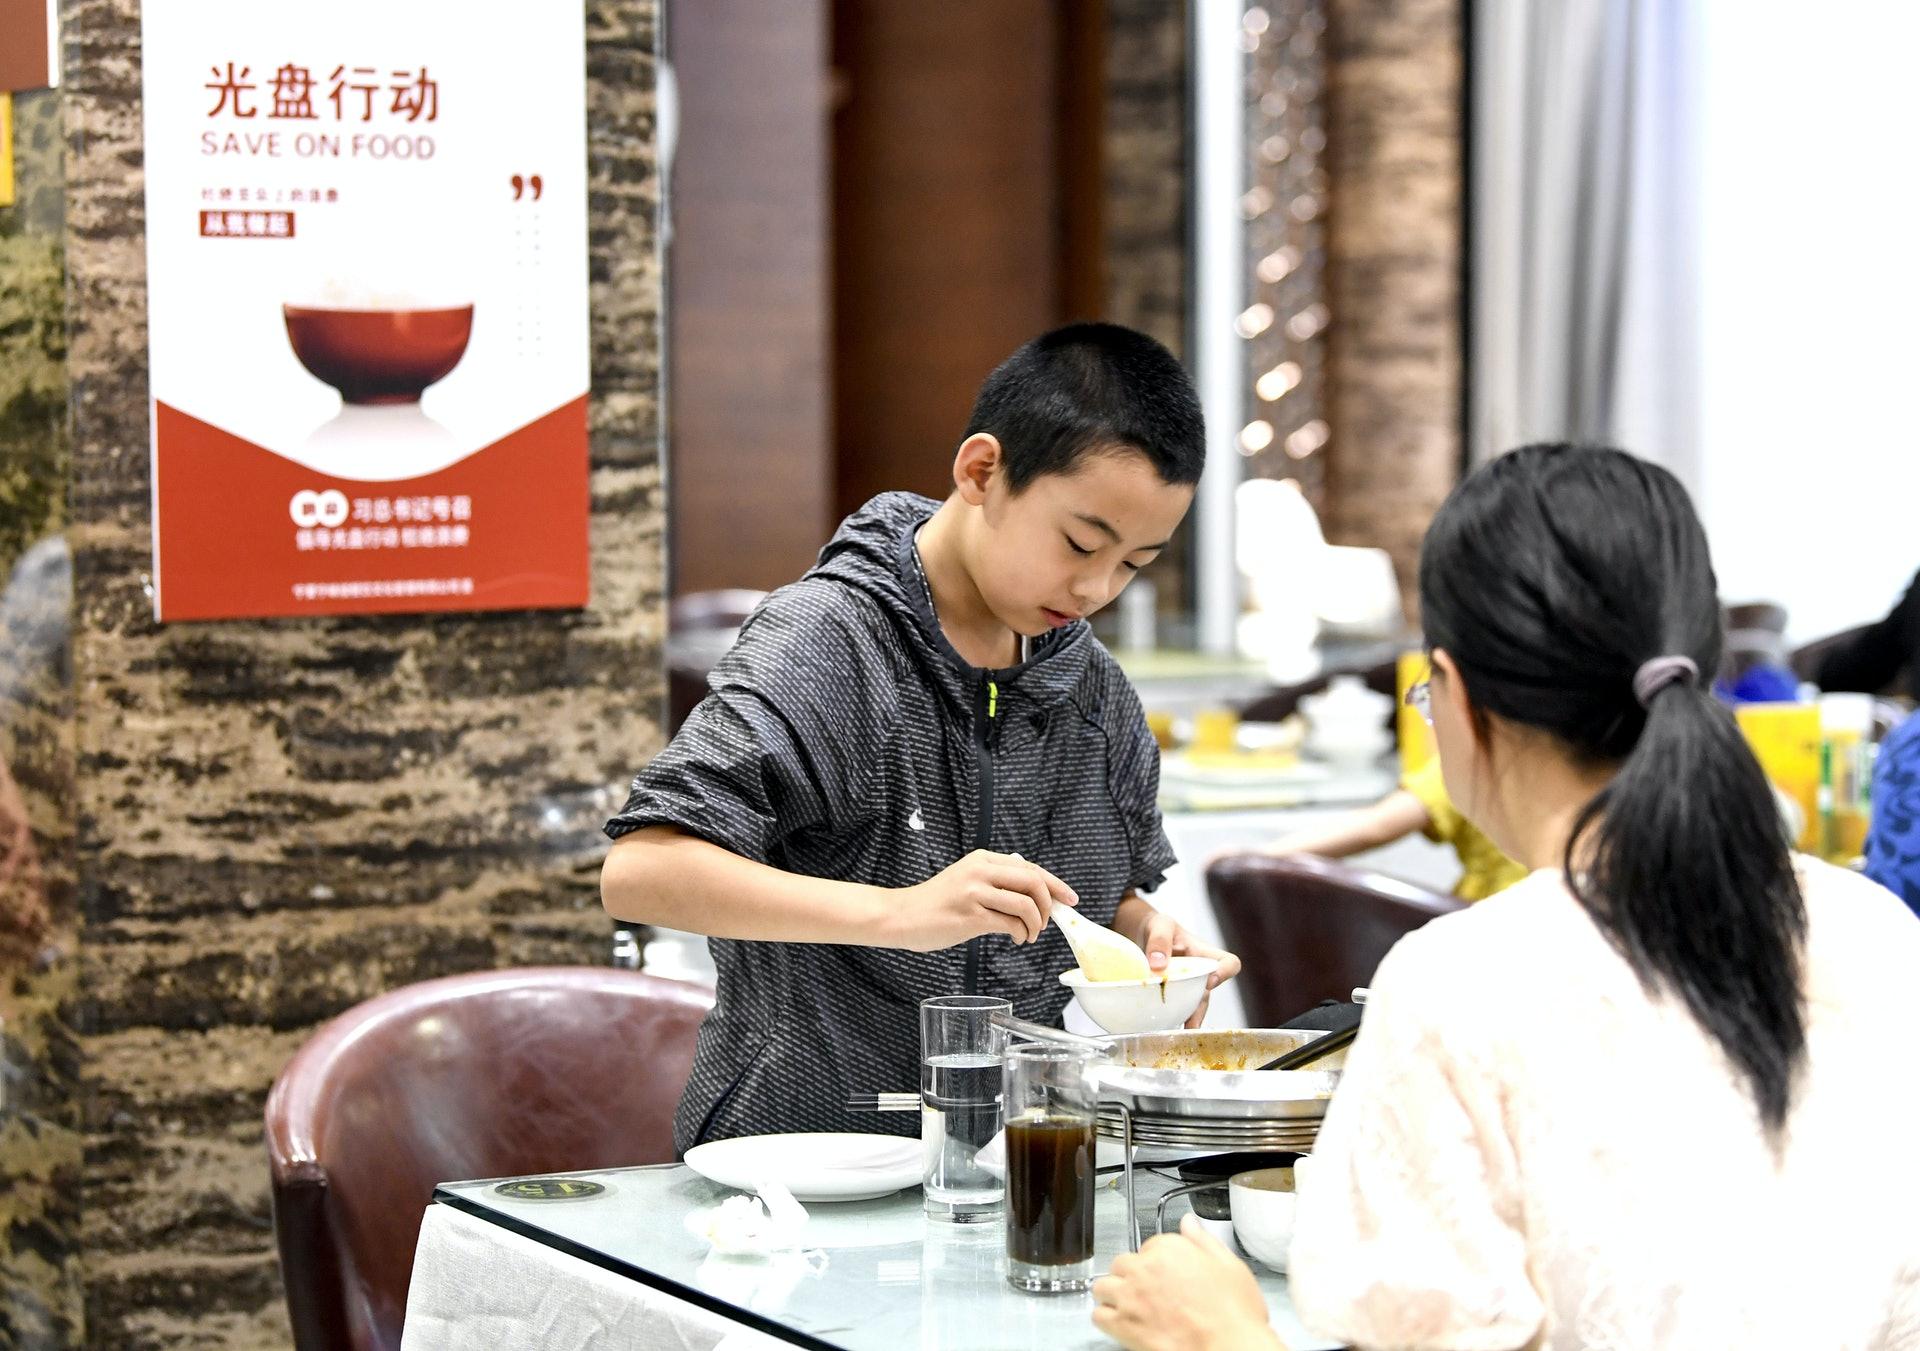 全國各地餐飲協會推行點餐節約的「光盤行動」,成為民眾的熱議話題。(新華社)